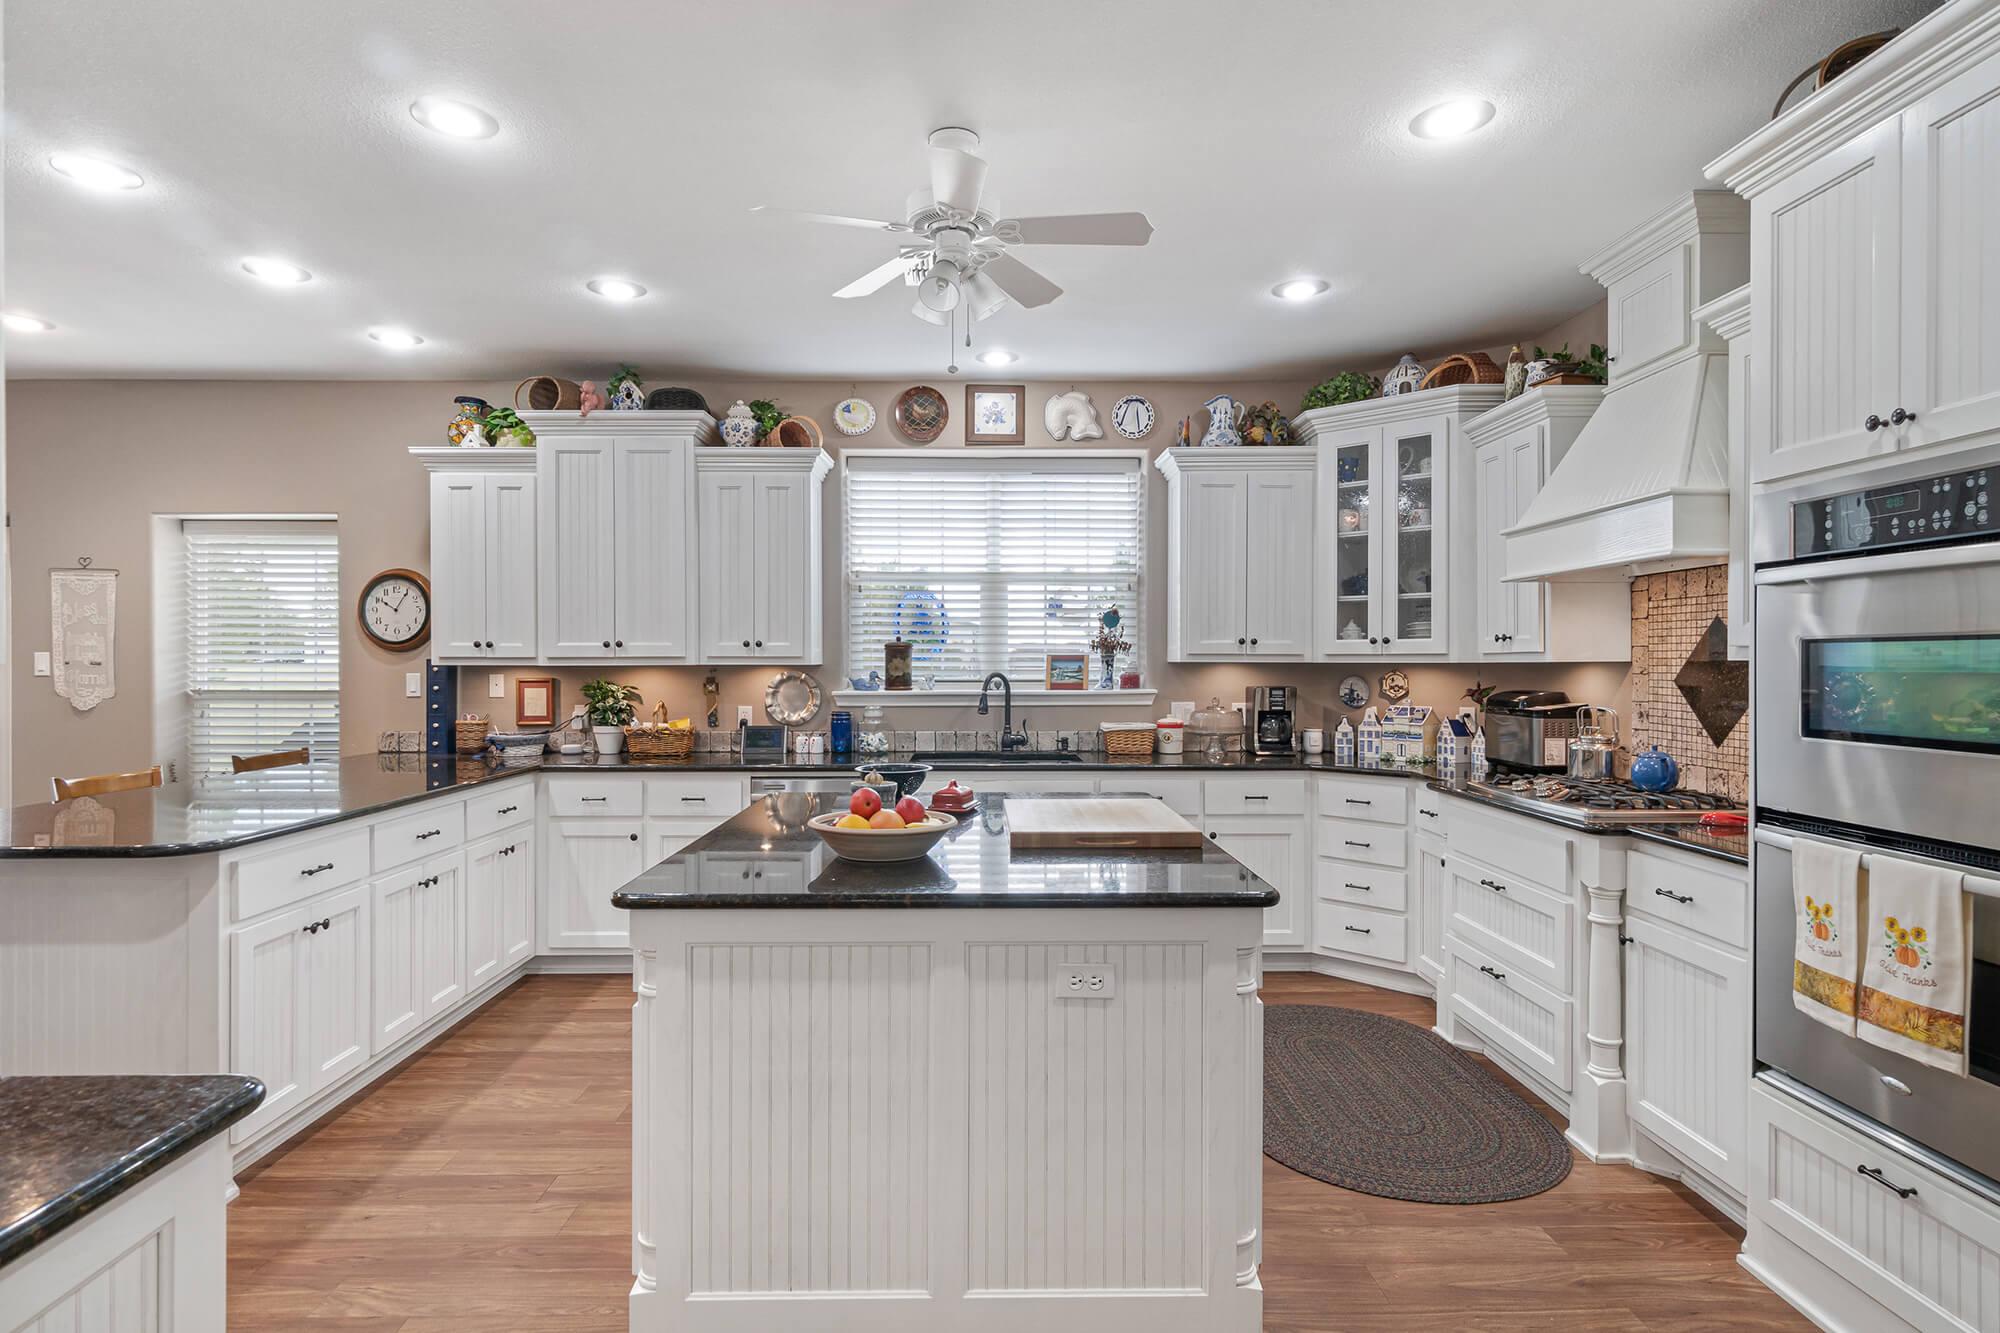 Tailwind hangar home kitchen